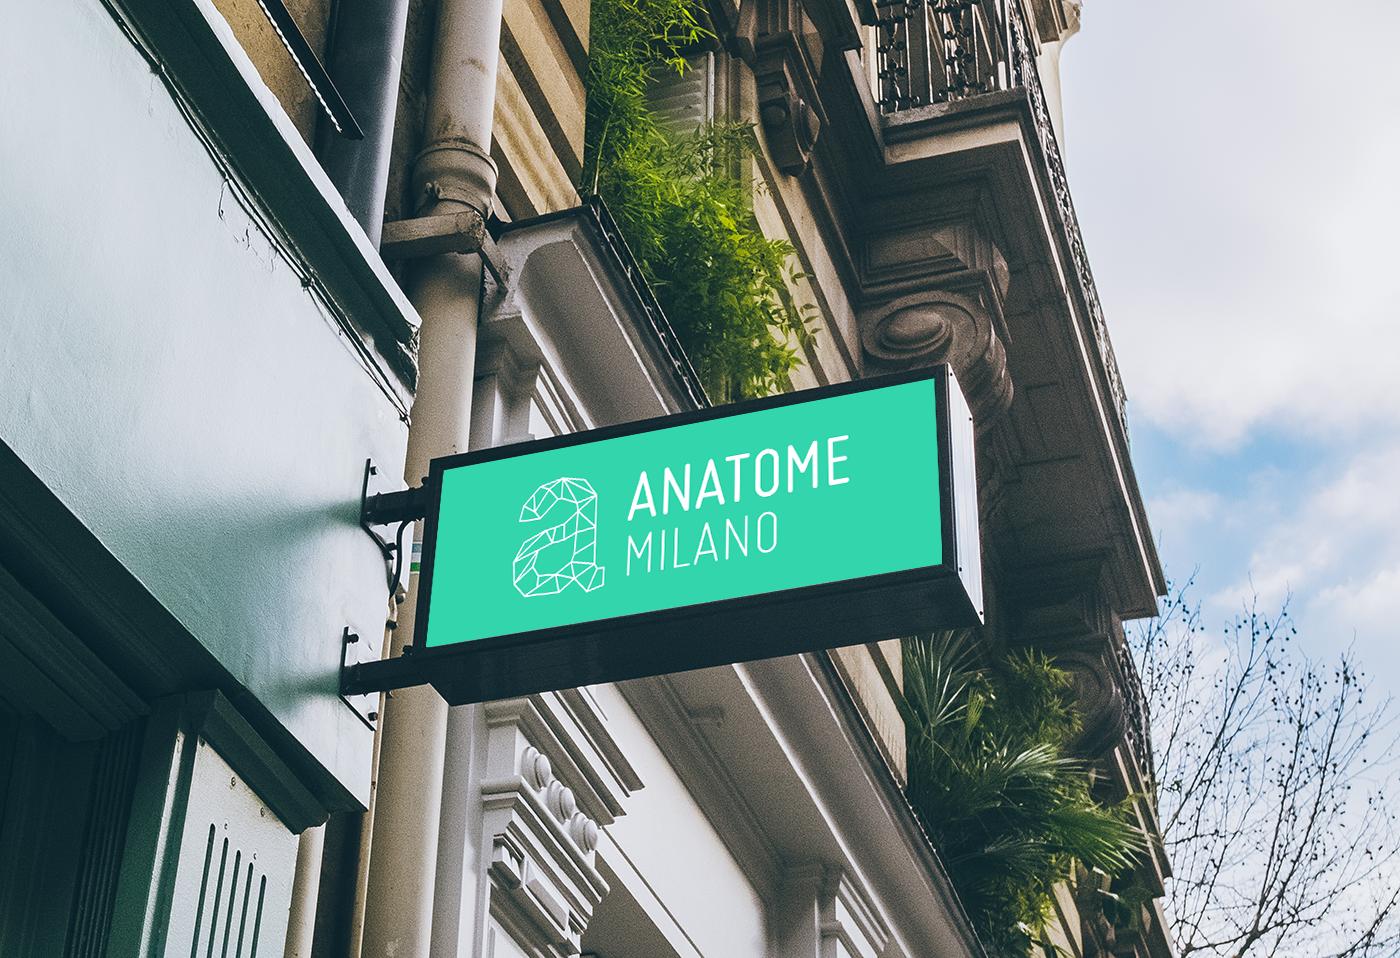 Anatome Milano Brand